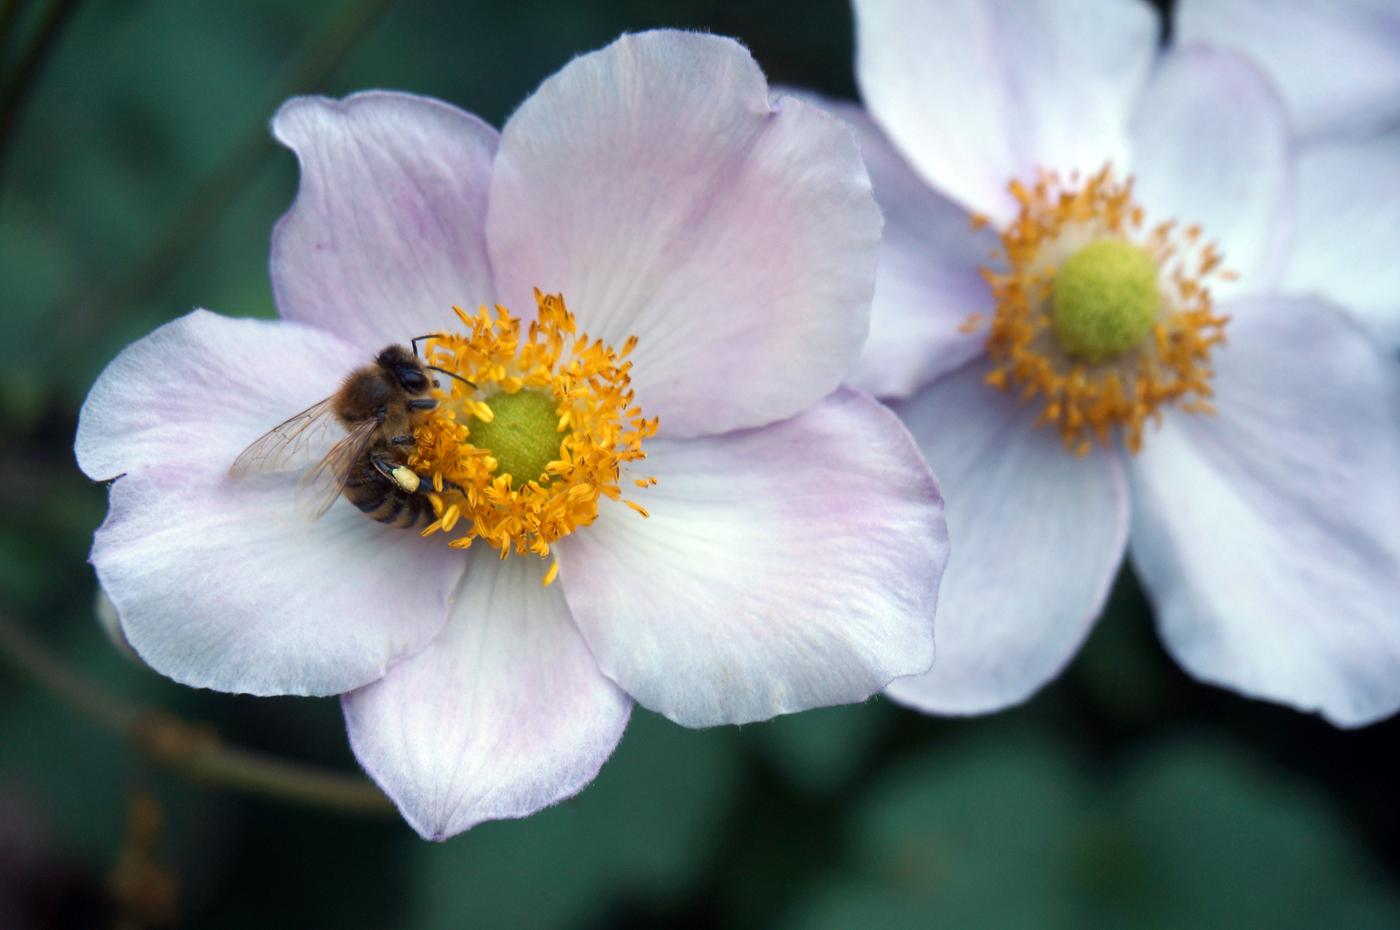 Bienenweide: Bienen, Hummeln und Schmetterlinge freuen sich gleichermaßen über ein Angebot heimischer Blühpflanzen. Foto: Lousia Lösing/ForestFinance